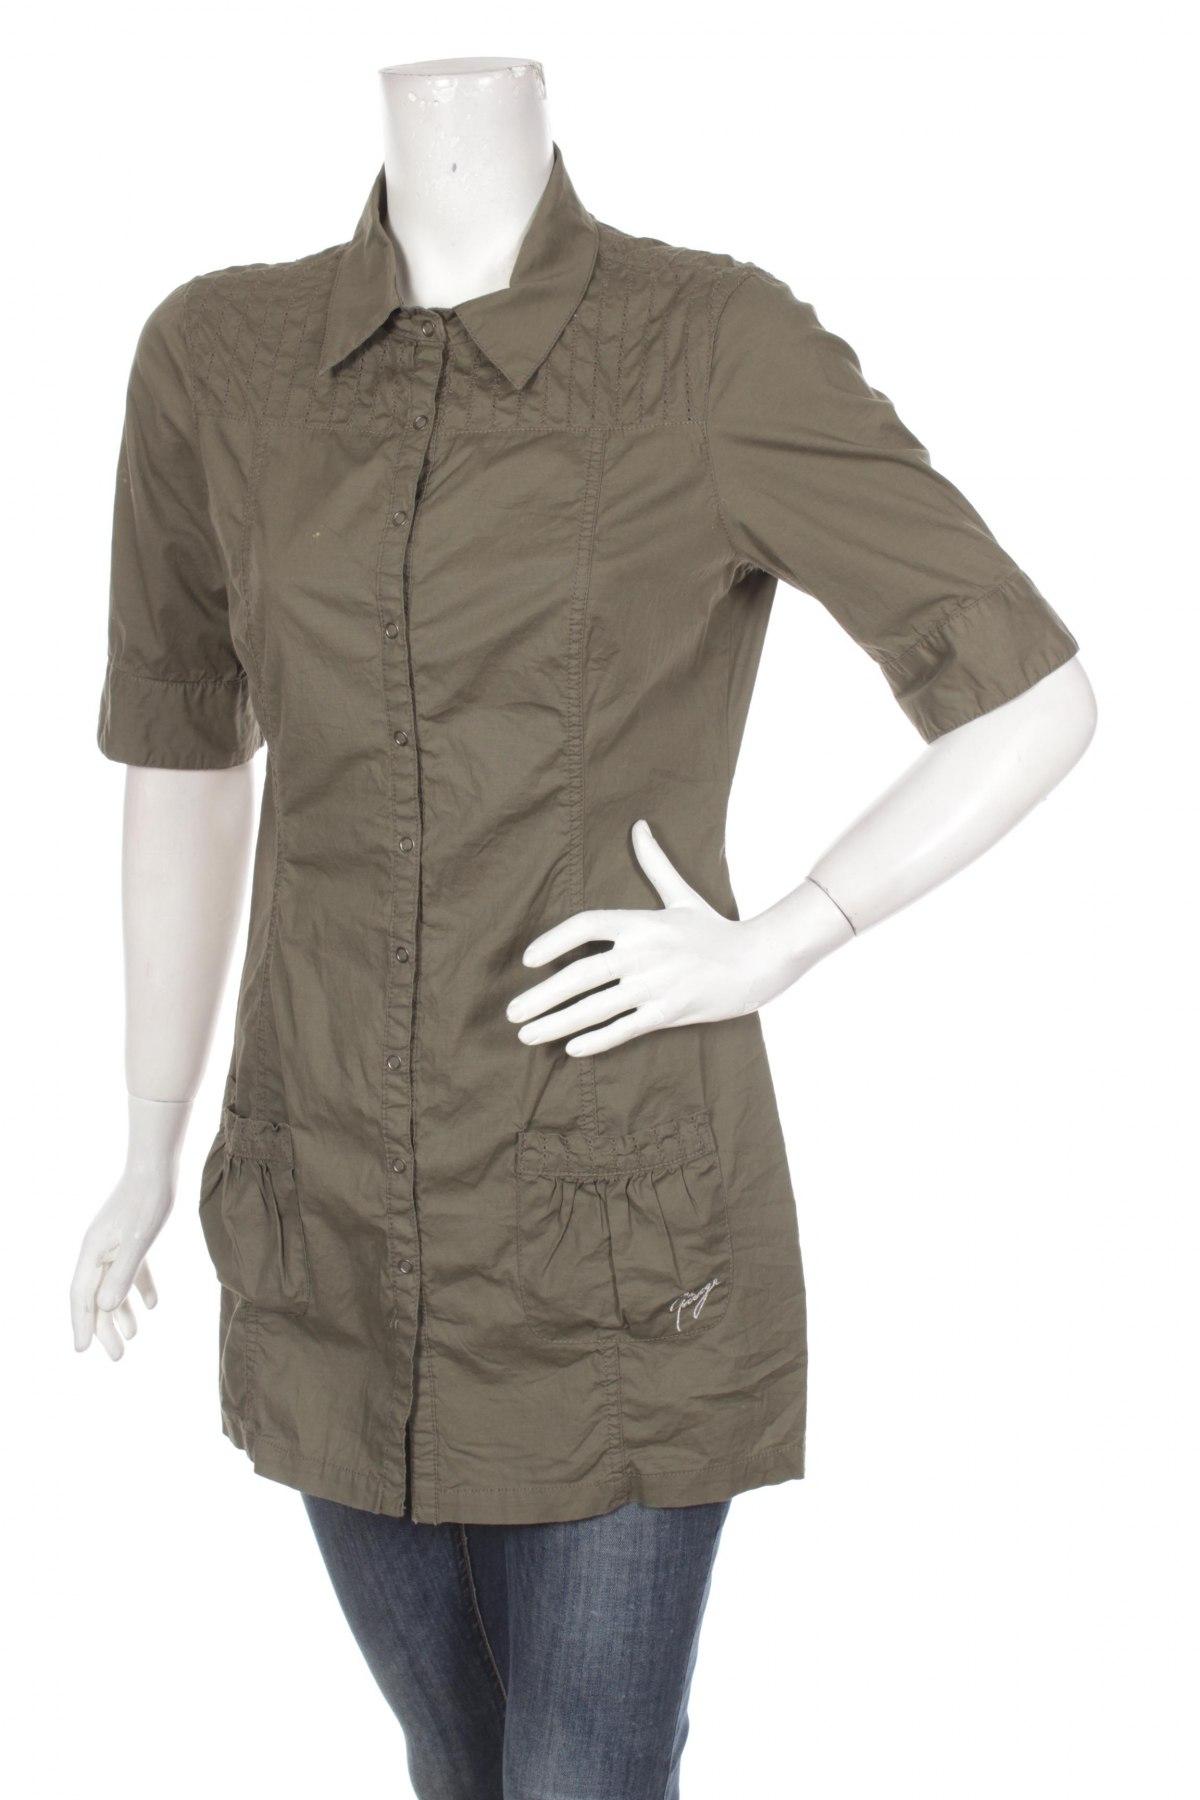 Γυναικείο πουκάμισο Garage, Μέγεθος M, Χρώμα Πράσινο, 97% βαμβάκι, 3% ελαστάνη, Τιμή 16,70€